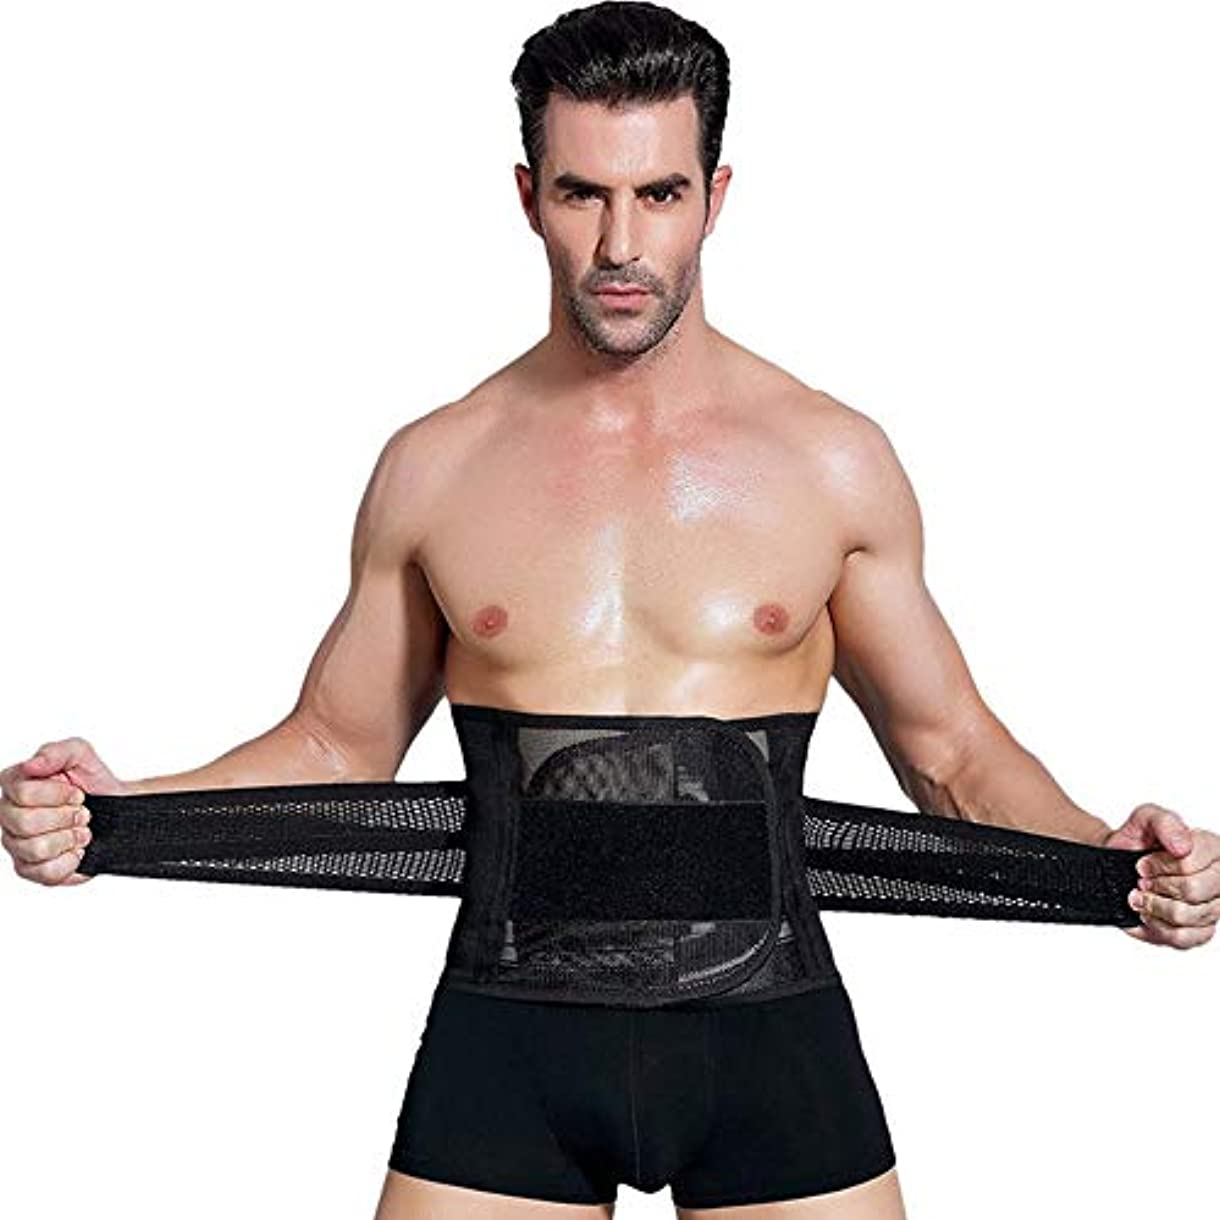 検索クック洗練された男性ボディシェイパーコルセット腹部おなかコントロールウエストトレーナーニッパー脂肪燃焼ガードル痩身腹ベルト用男性 - ブラックXXL